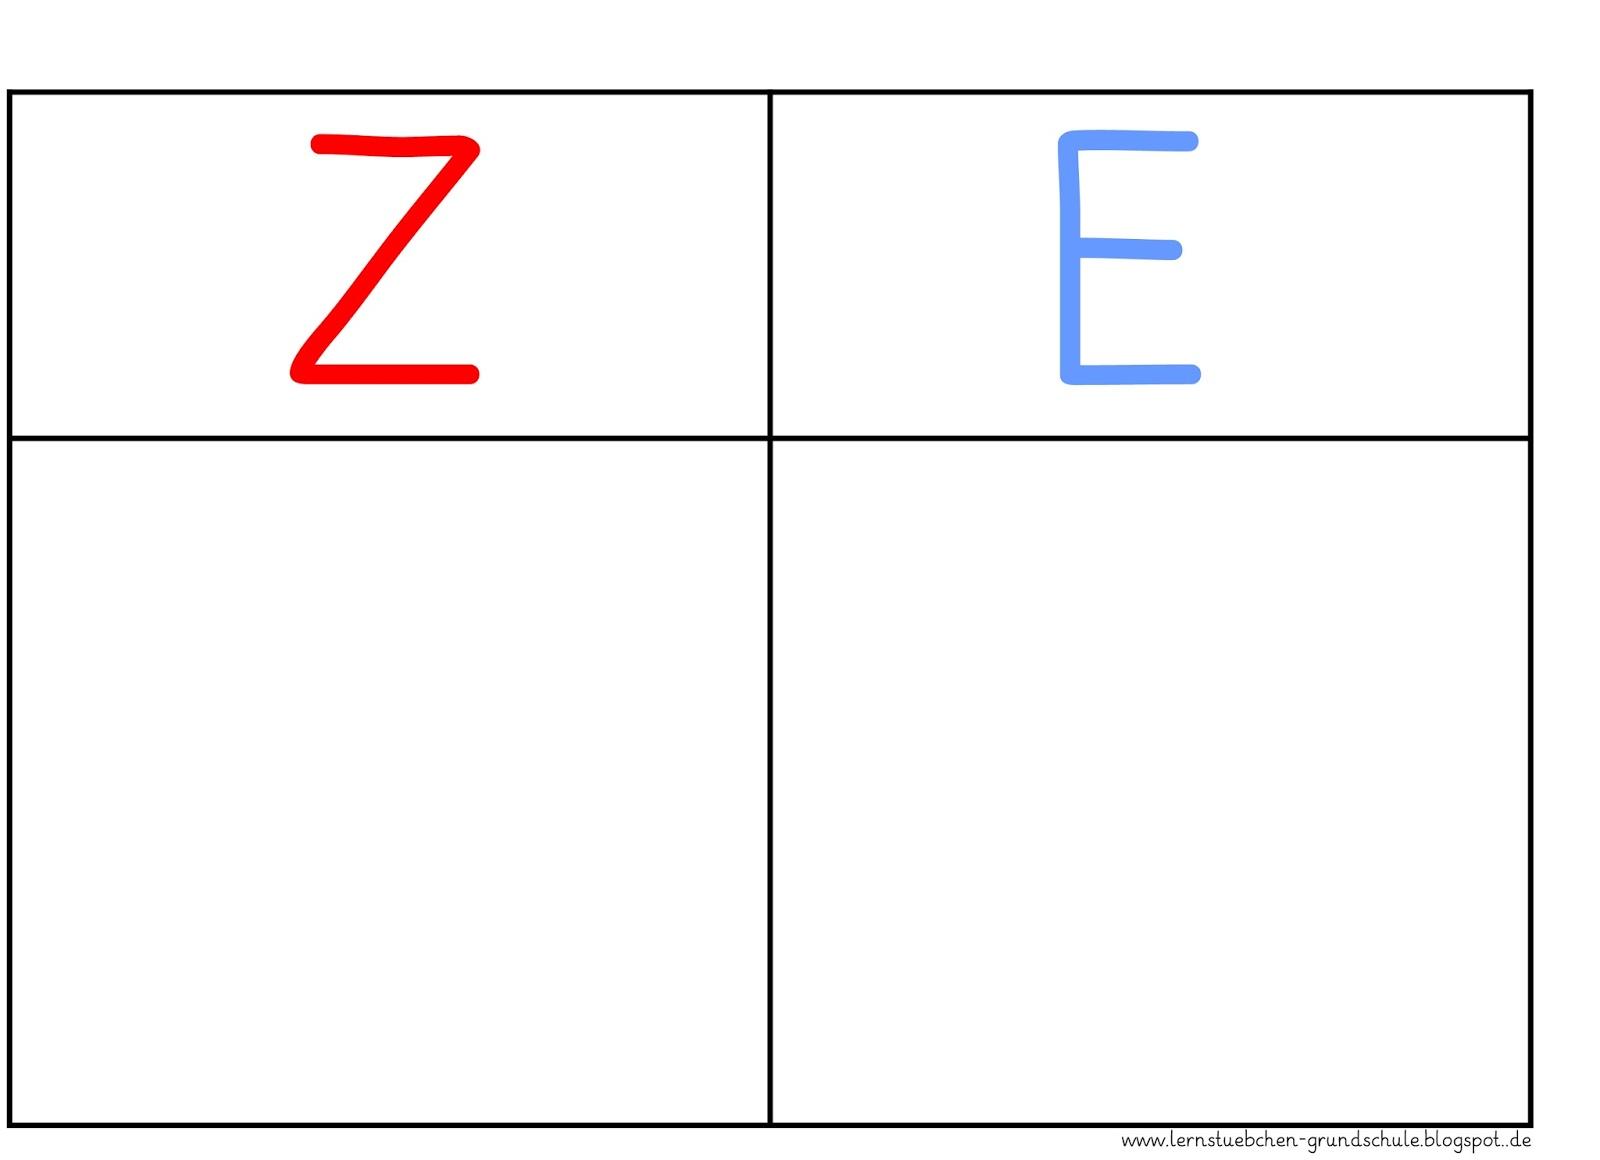 Lernstübchen: Zehner rot und Einer blau